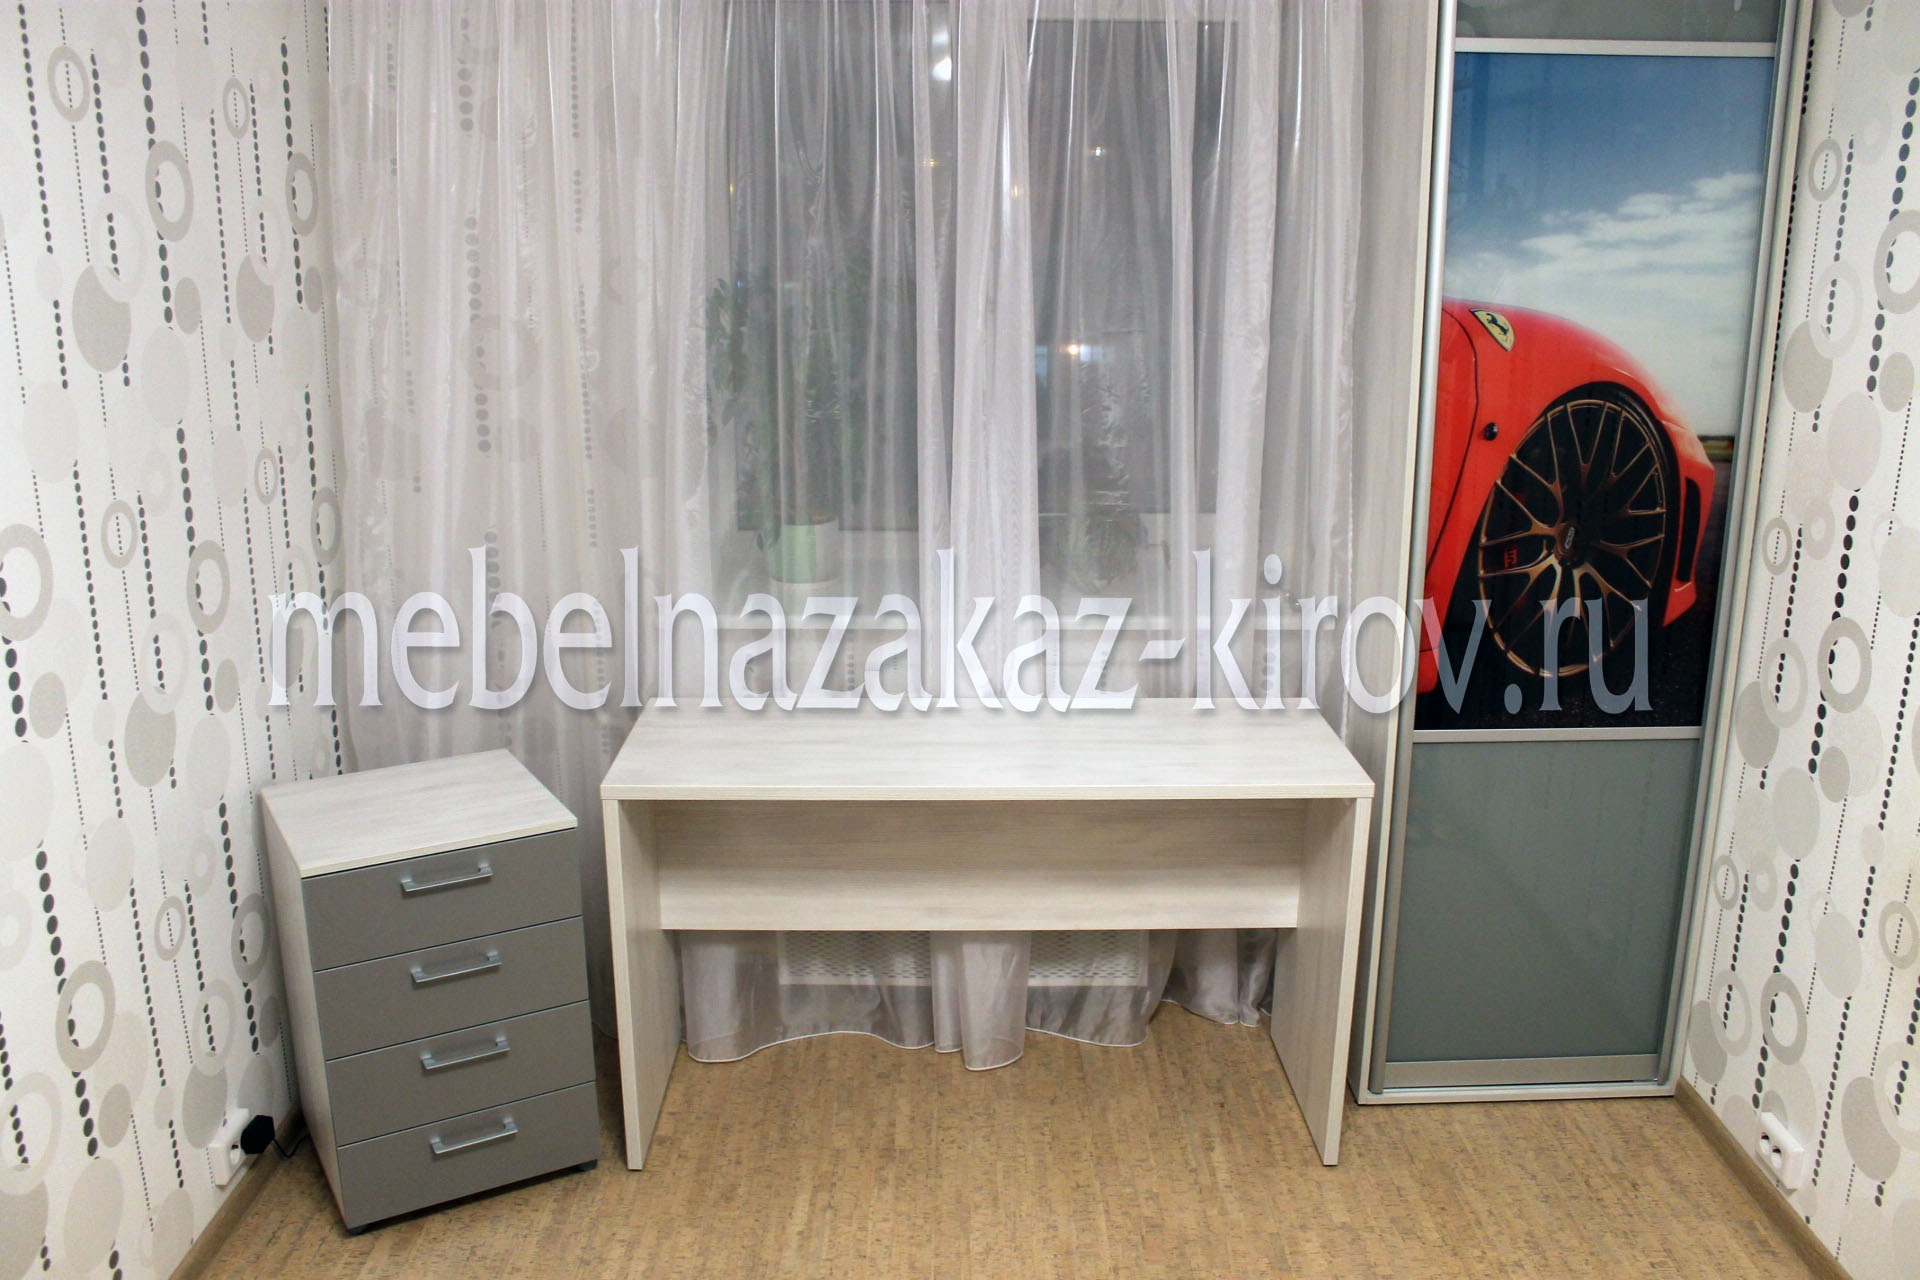 Мебель в детскую комнату на заказ г. Киров